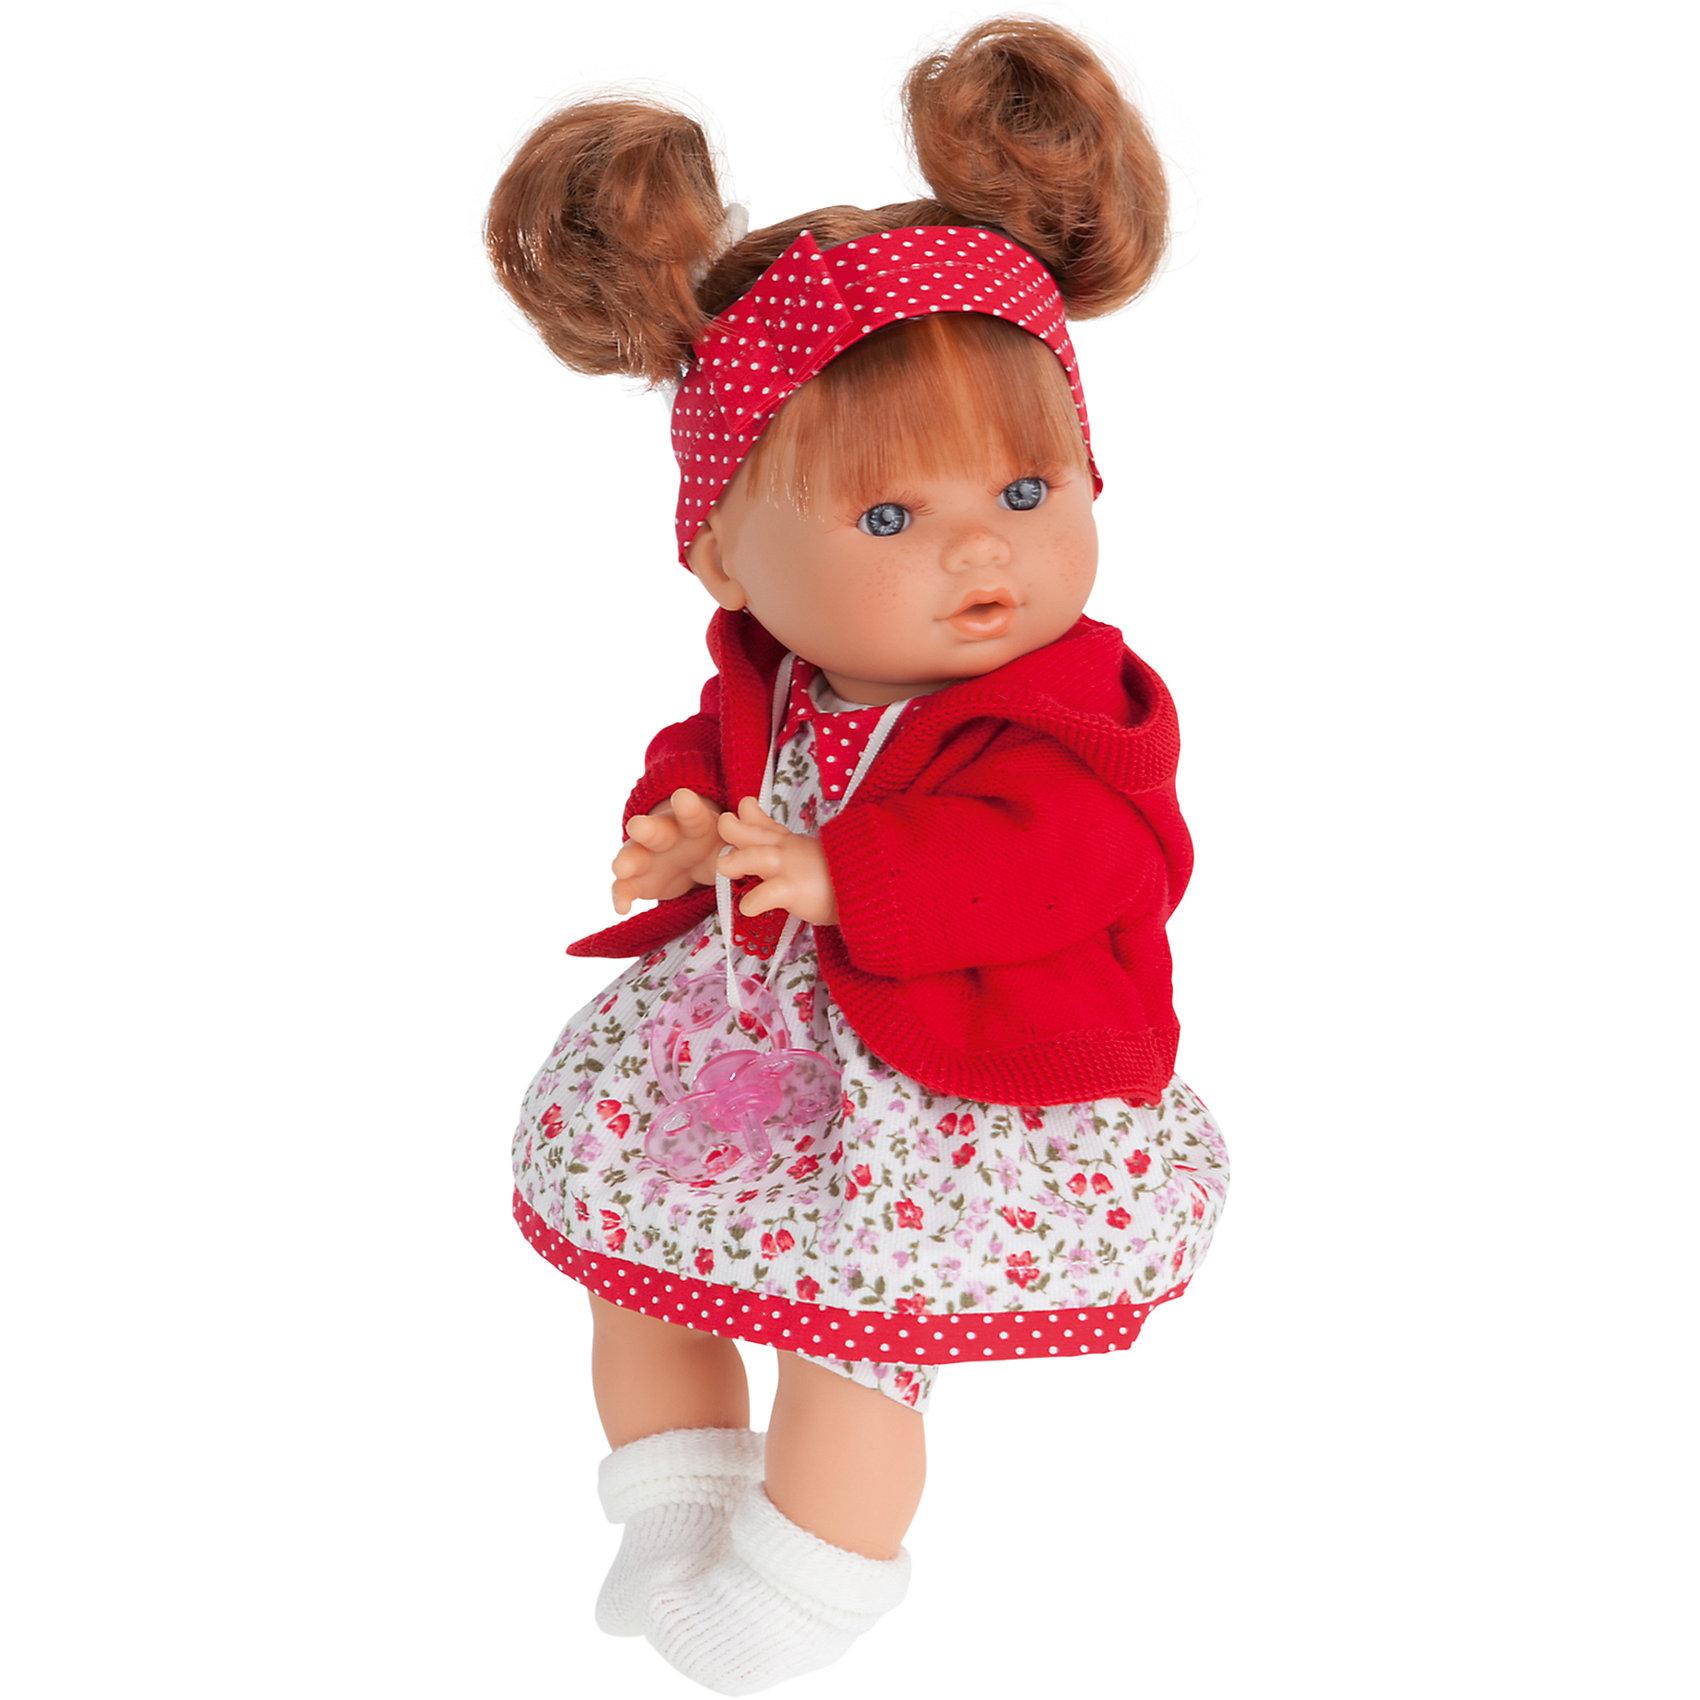 Кукла Кристи в красном, плачущая, 30 см, Munecas Antonio JuanКлассические куклы<br>Характеристики товара:<br><br>• возраст: от 3 лет;<br>• материал: винил, текстиль;<br>• в комплекте: кукла, платье, соска;<br>• высота куклы: 30 см;<br>• размер упаковки: 34х21х12 см;<br>• вес упаковки: 725 гр.;<br>• страна производитель: Испания.<br><br>Кукла Кристи в красном Munecas Antonio Juan — очаровательная девочка с выразительными глазками, пухлыми щечками и мягкими волосами, завязанными в хвостики. Кукла одета в платье и теплый красный кардиган.<br><br>У куклы подвижные ручки и ножки. Кристи умеет плакать. Если куколка заплачет, надо дать ей соску и успокоить ее. Игра с куклой привьет девочке чувство заботы, помощи, ответственности и любви. Кукла выполнена из качественных безопасных материалов.<br><br>Куклу Кристи в красном Munecas Antonio Juan можно приобрести в нашем интернет-магазине.<br><br>Ширина мм: 350<br>Глубина мм: 200<br>Высота мм: 125<br>Вес г: 787<br>Возраст от месяцев: 36<br>Возраст до месяцев: 2147483647<br>Пол: Женский<br>Возраст: Детский<br>SKU: 5364644